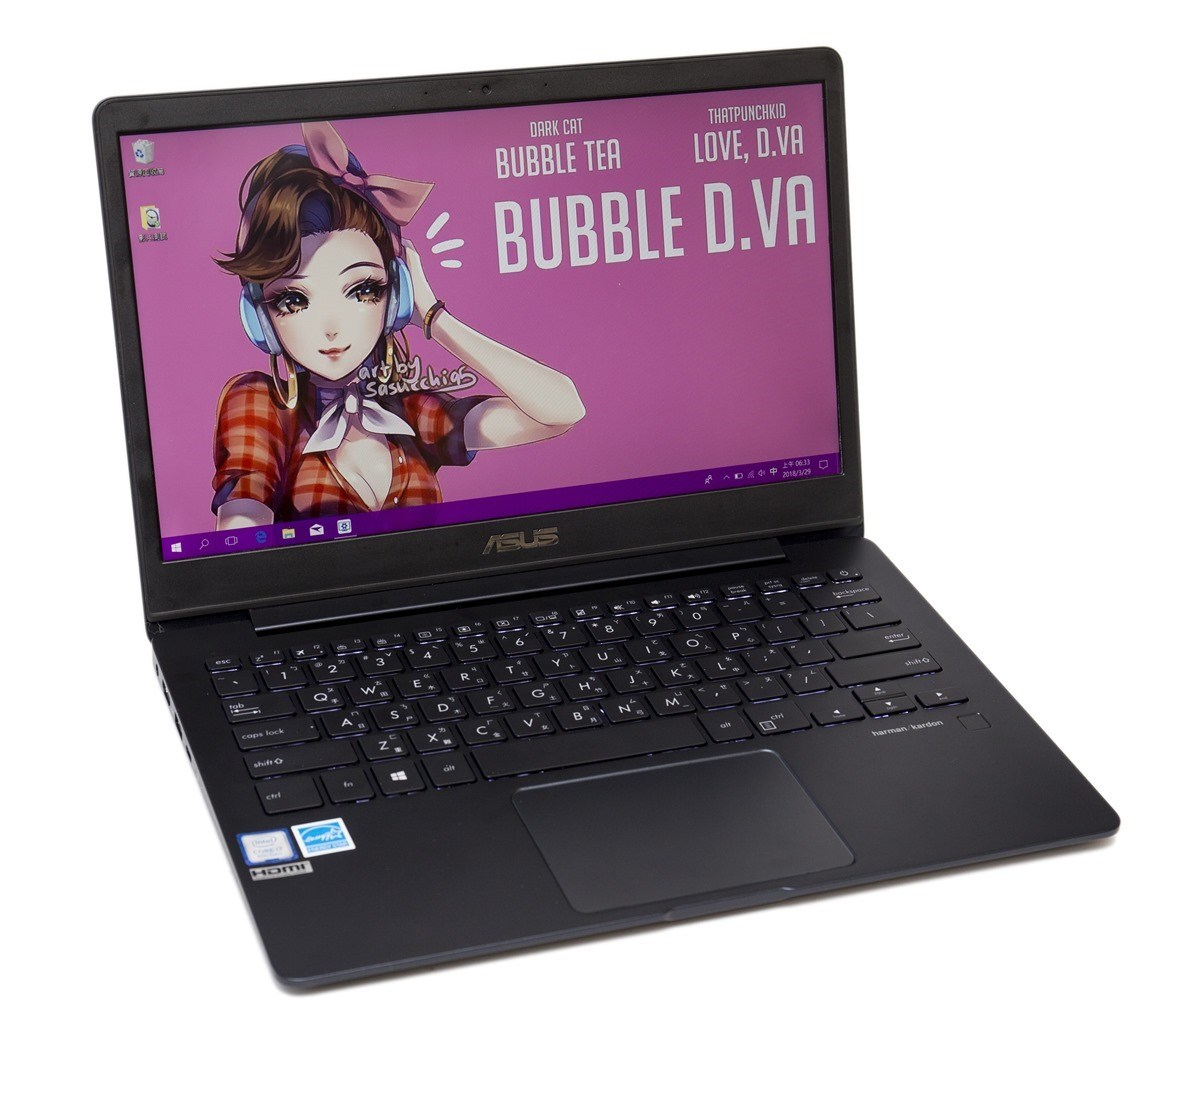 12 吋身軀塞入 13.3 吋!不到一公斤 ASUS ZenBook 13 最輕薄的全能筆電!